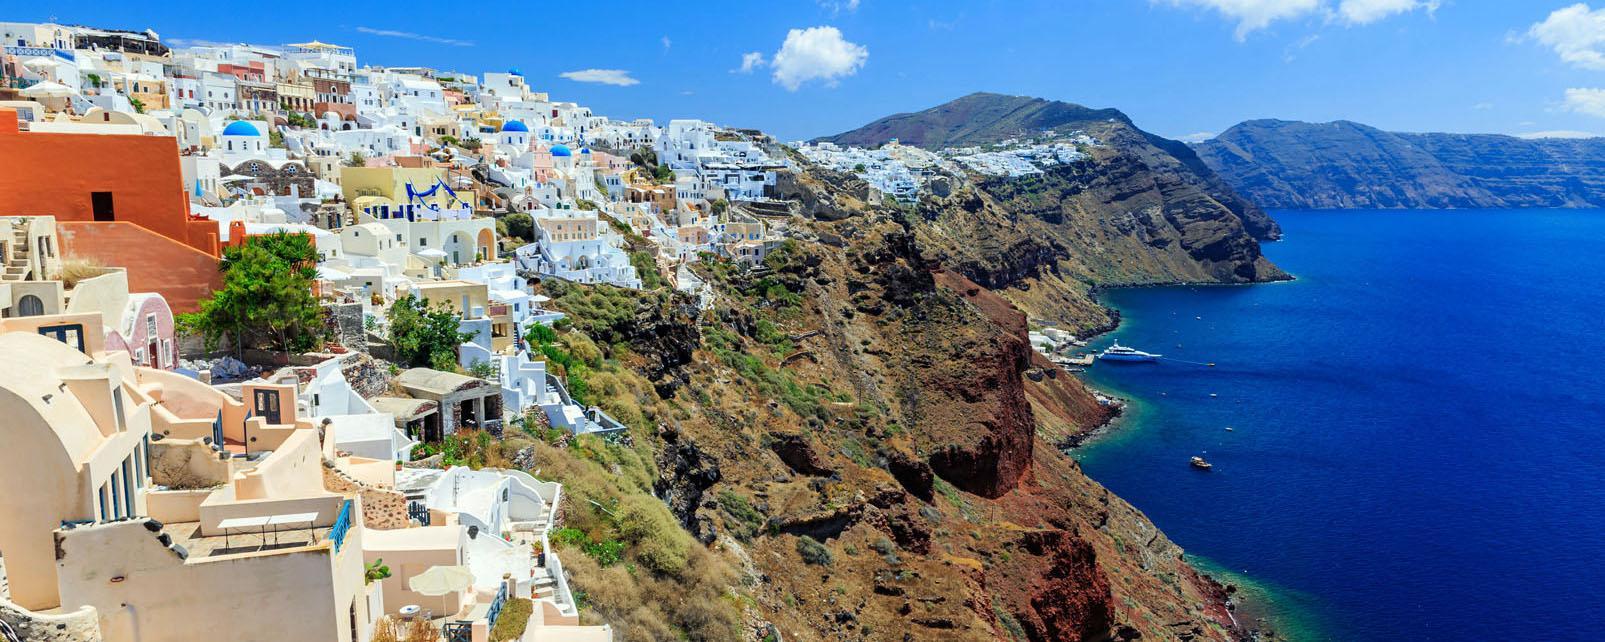 Grecia las islas